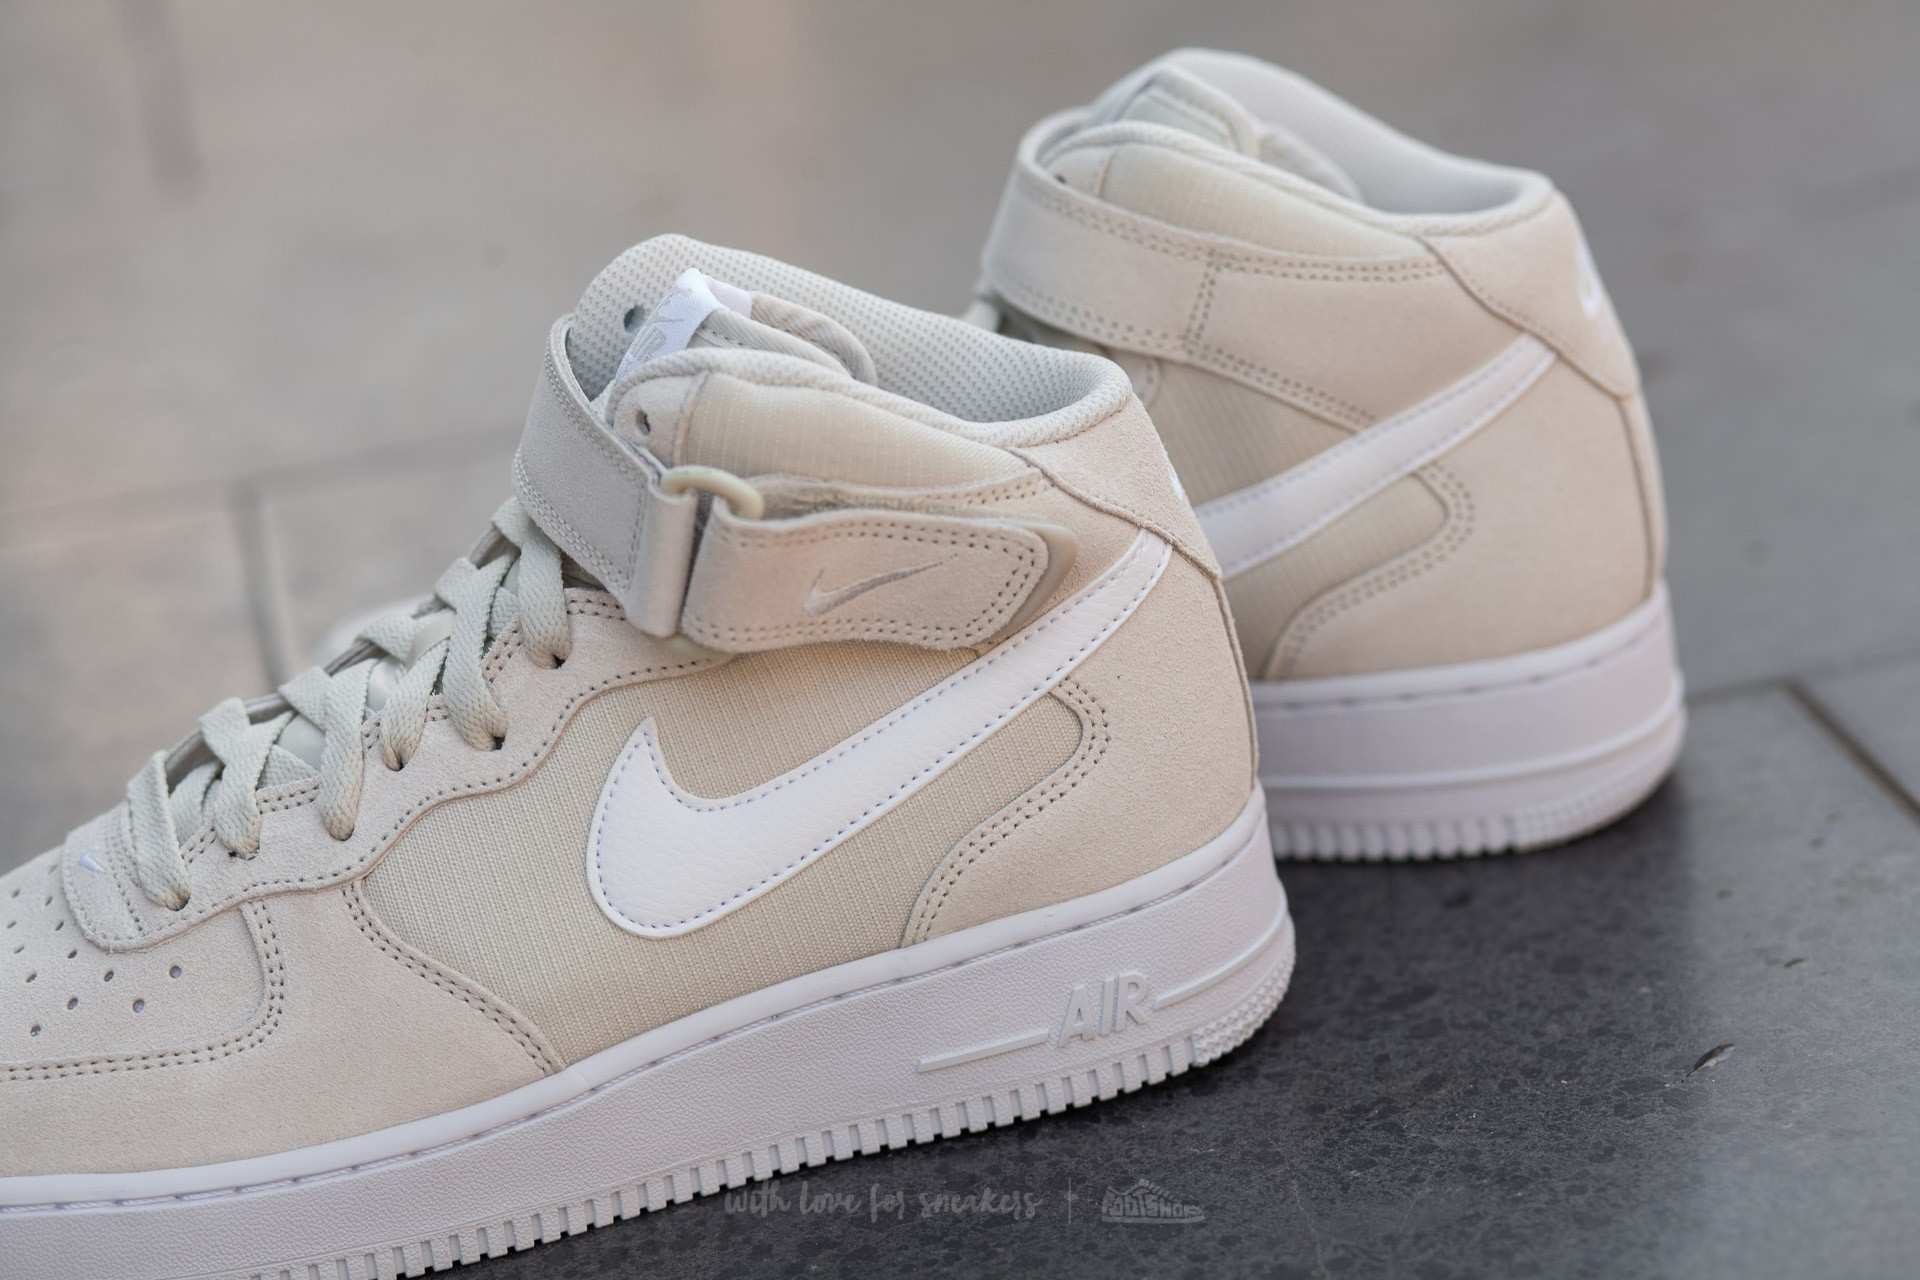 Nike Air Force 1 Mid ´07 Light Bone White white Men's